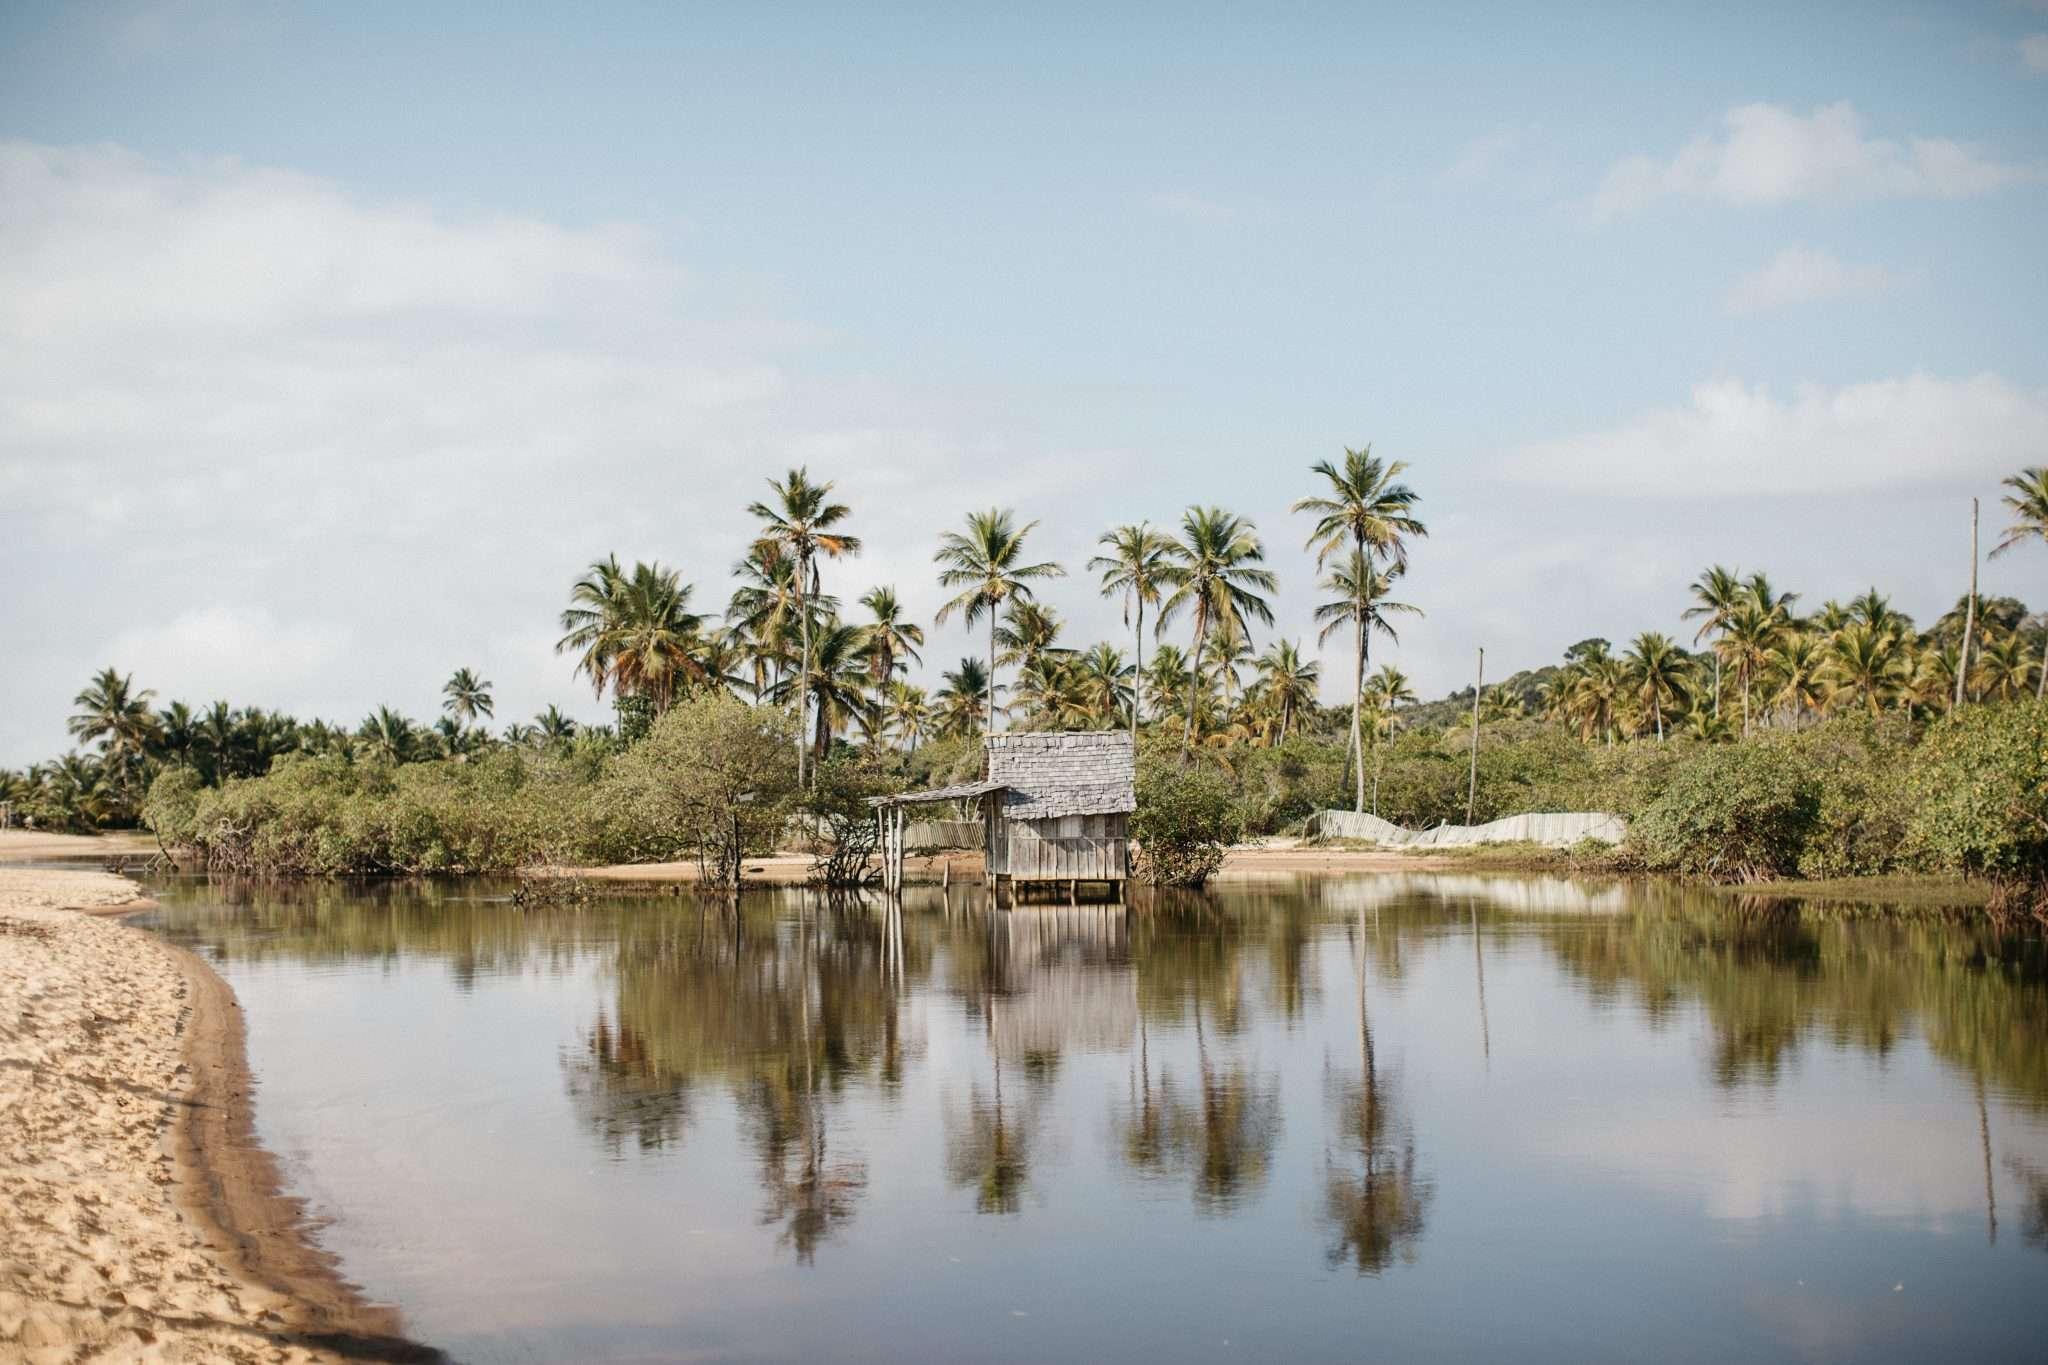 Brazil Brésil Bahia voyage soleil perdu seul au monde cabane ciel bleu palmiers